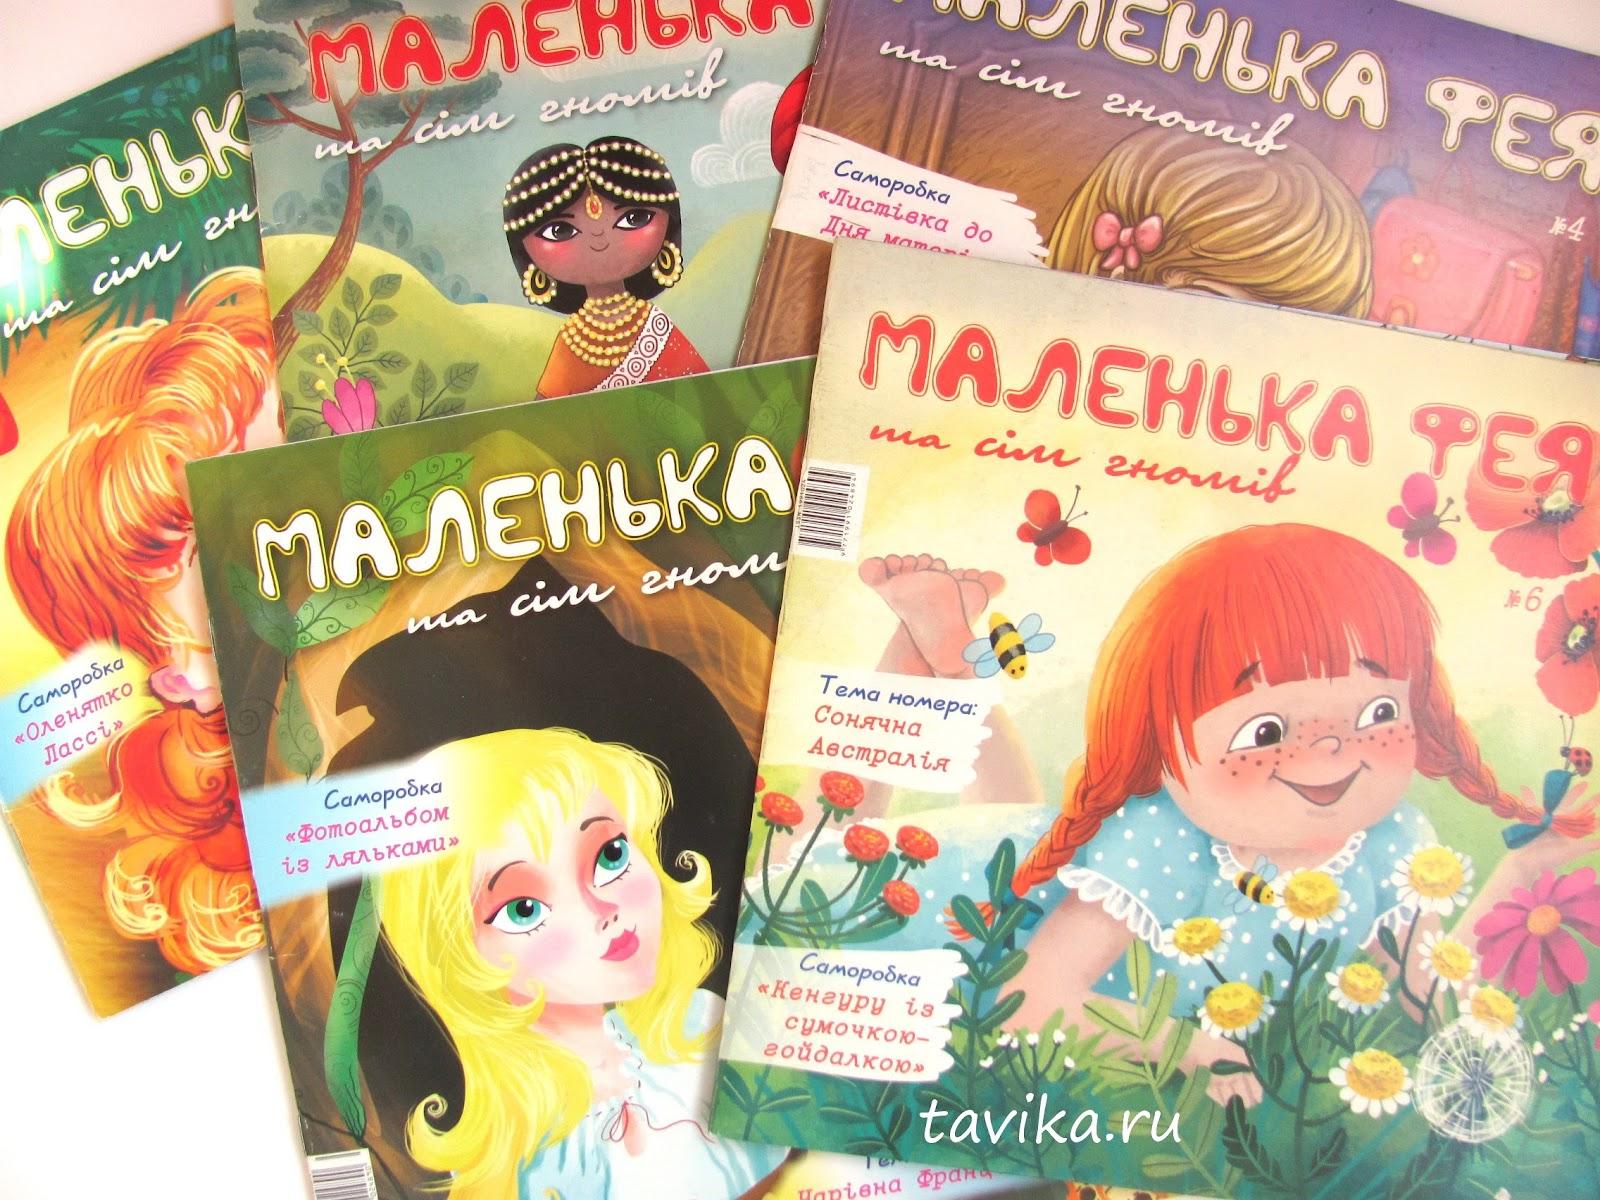 развивающие передачи и журнал для детей россия